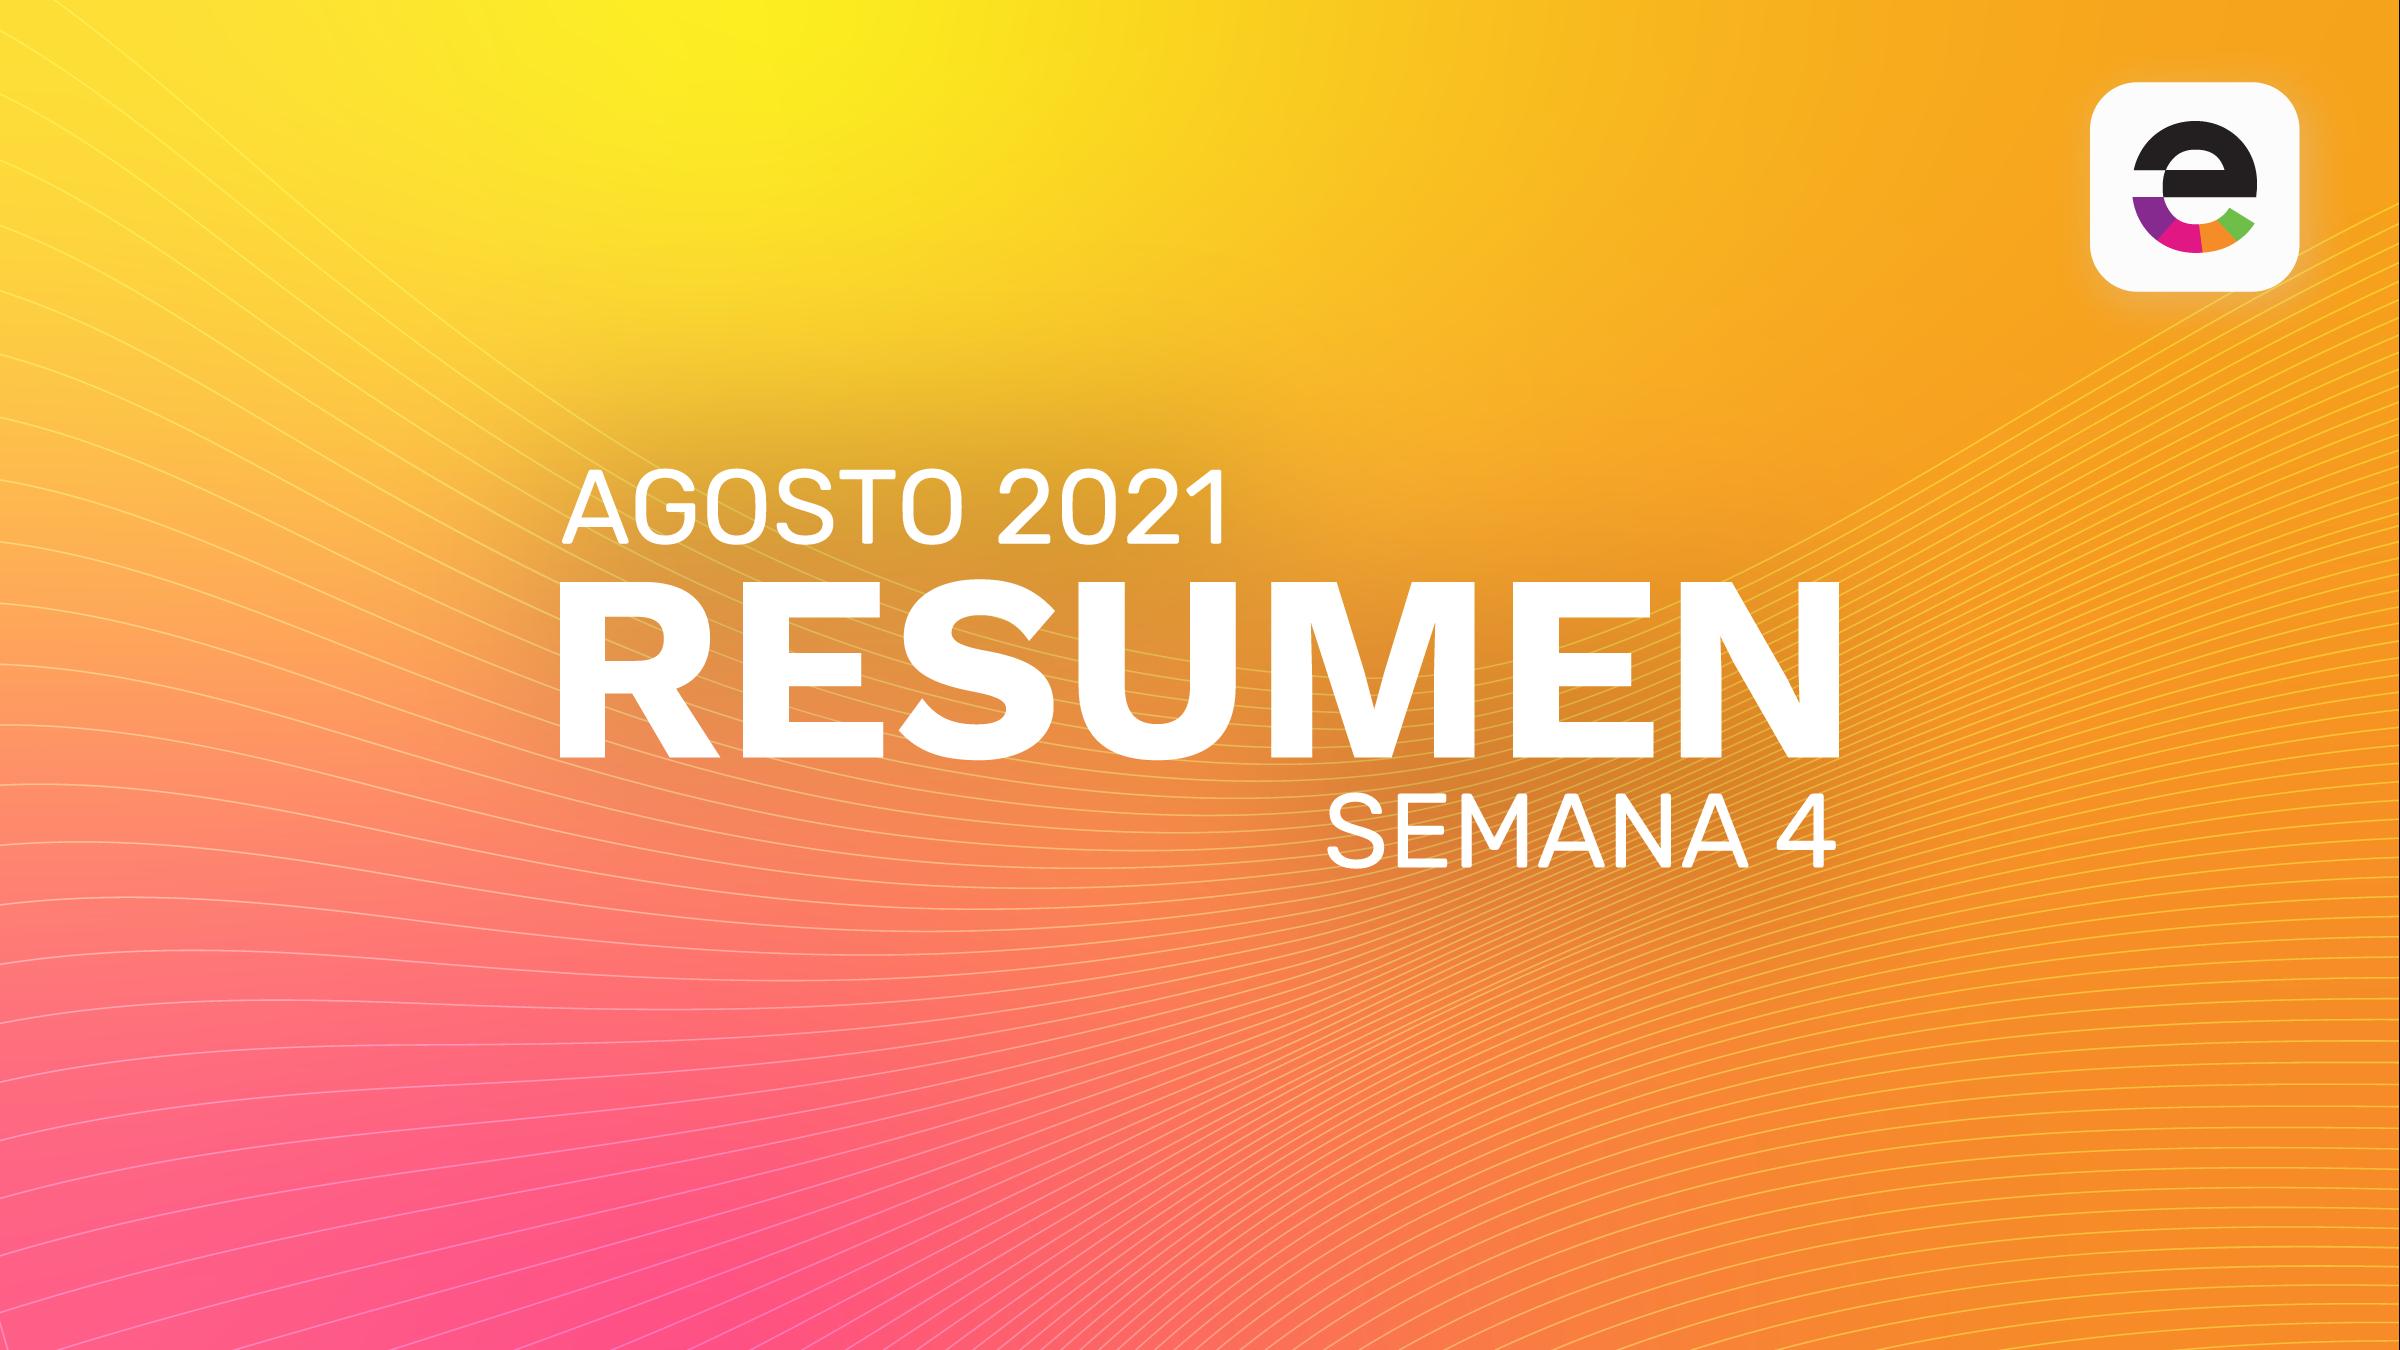 Resumen Agosto 2021: Semana 4